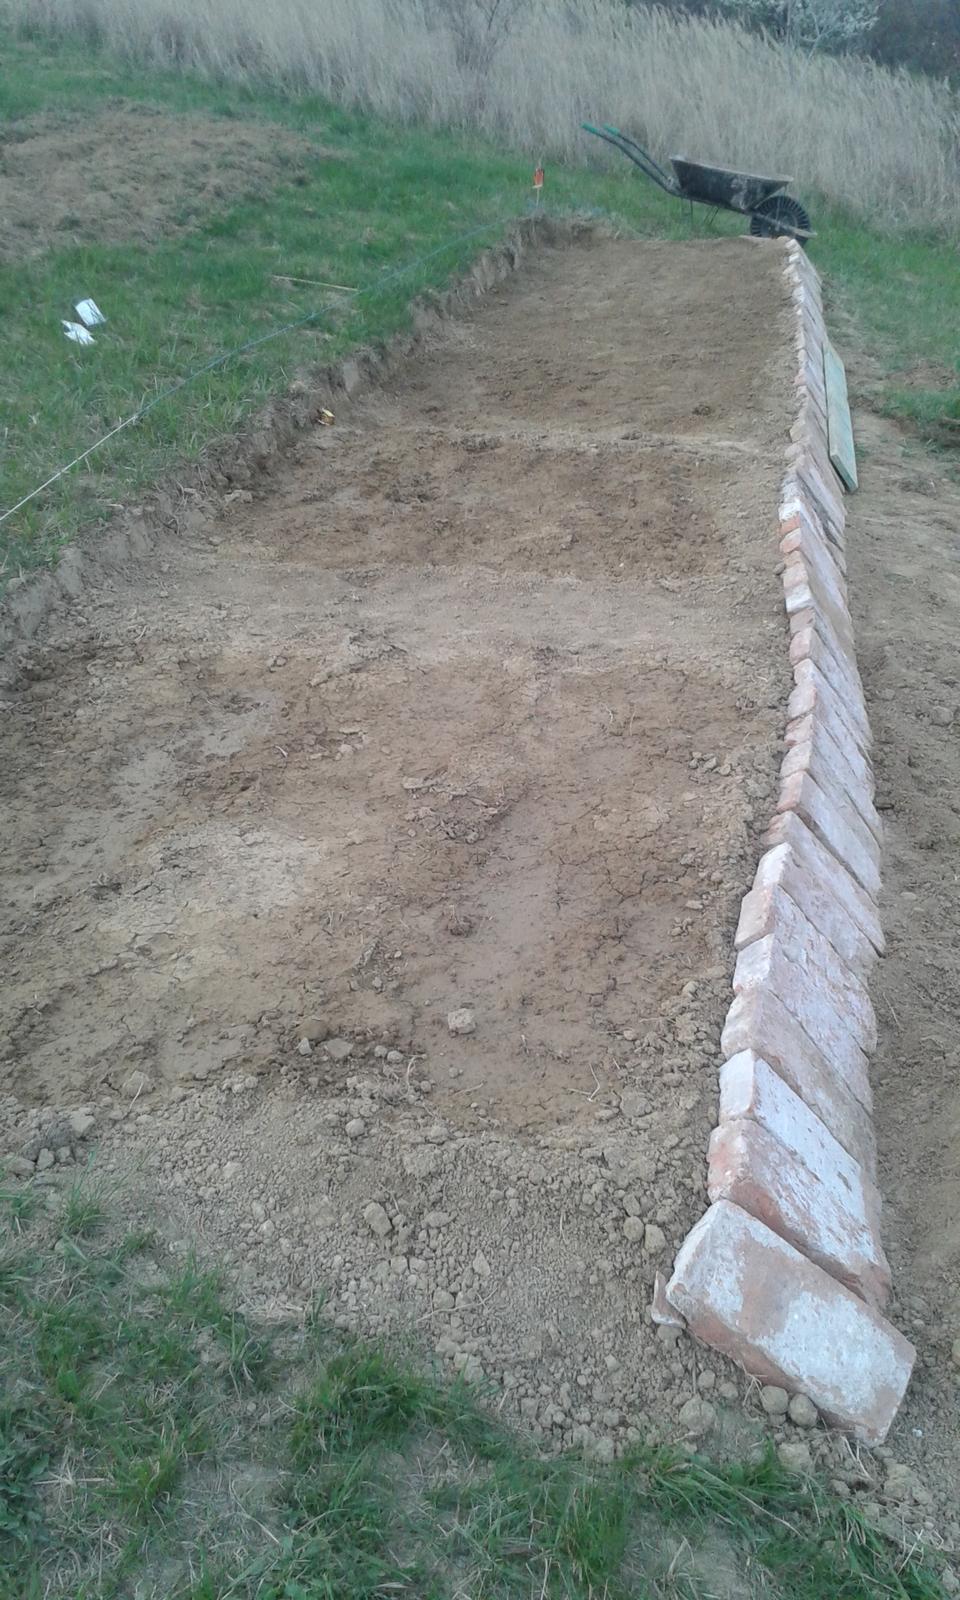 Okolie domu, záhrada - 2.4.2016 - Manželku napadlo spevniť terasovú záhradku tehlami. Celkom dobre to ukázalo, nato že to je provizórne a dočastne.